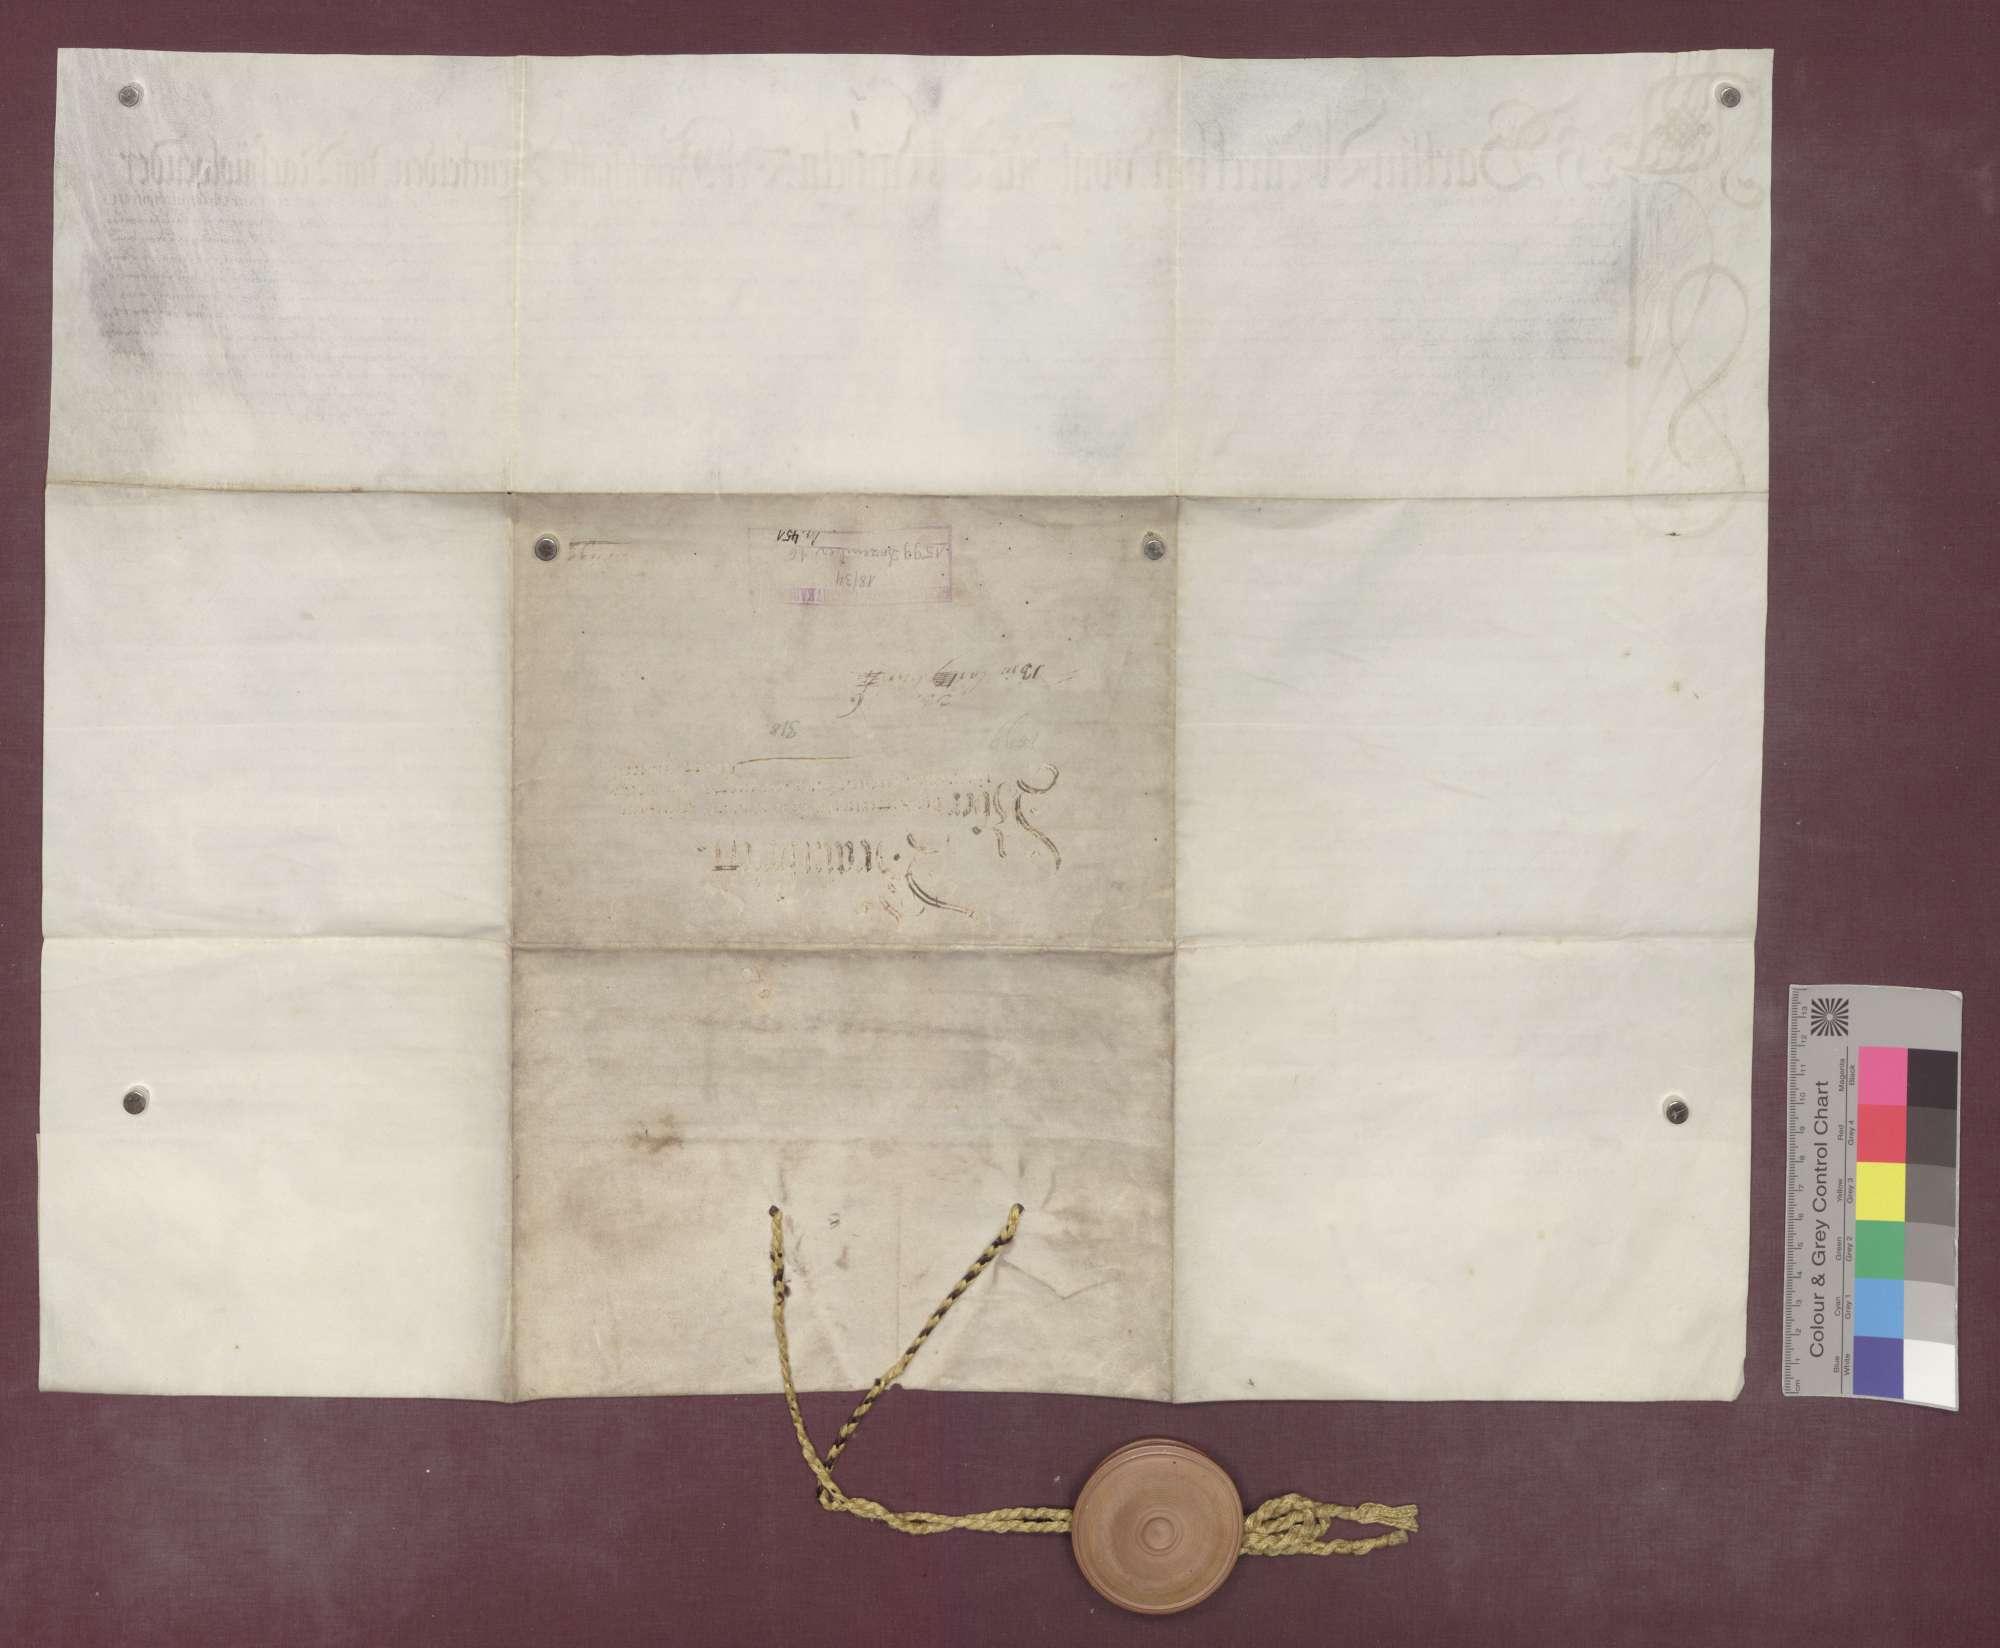 Vor Bartlin Märckin, Vogt zu Minseln, und dem Gericht zu Eichsel, werden auf Bitten Hartmann von Hallwils, Komturs zu Beuggen, die Besitzungen der Kommende Beuggen beraint., Bild 2